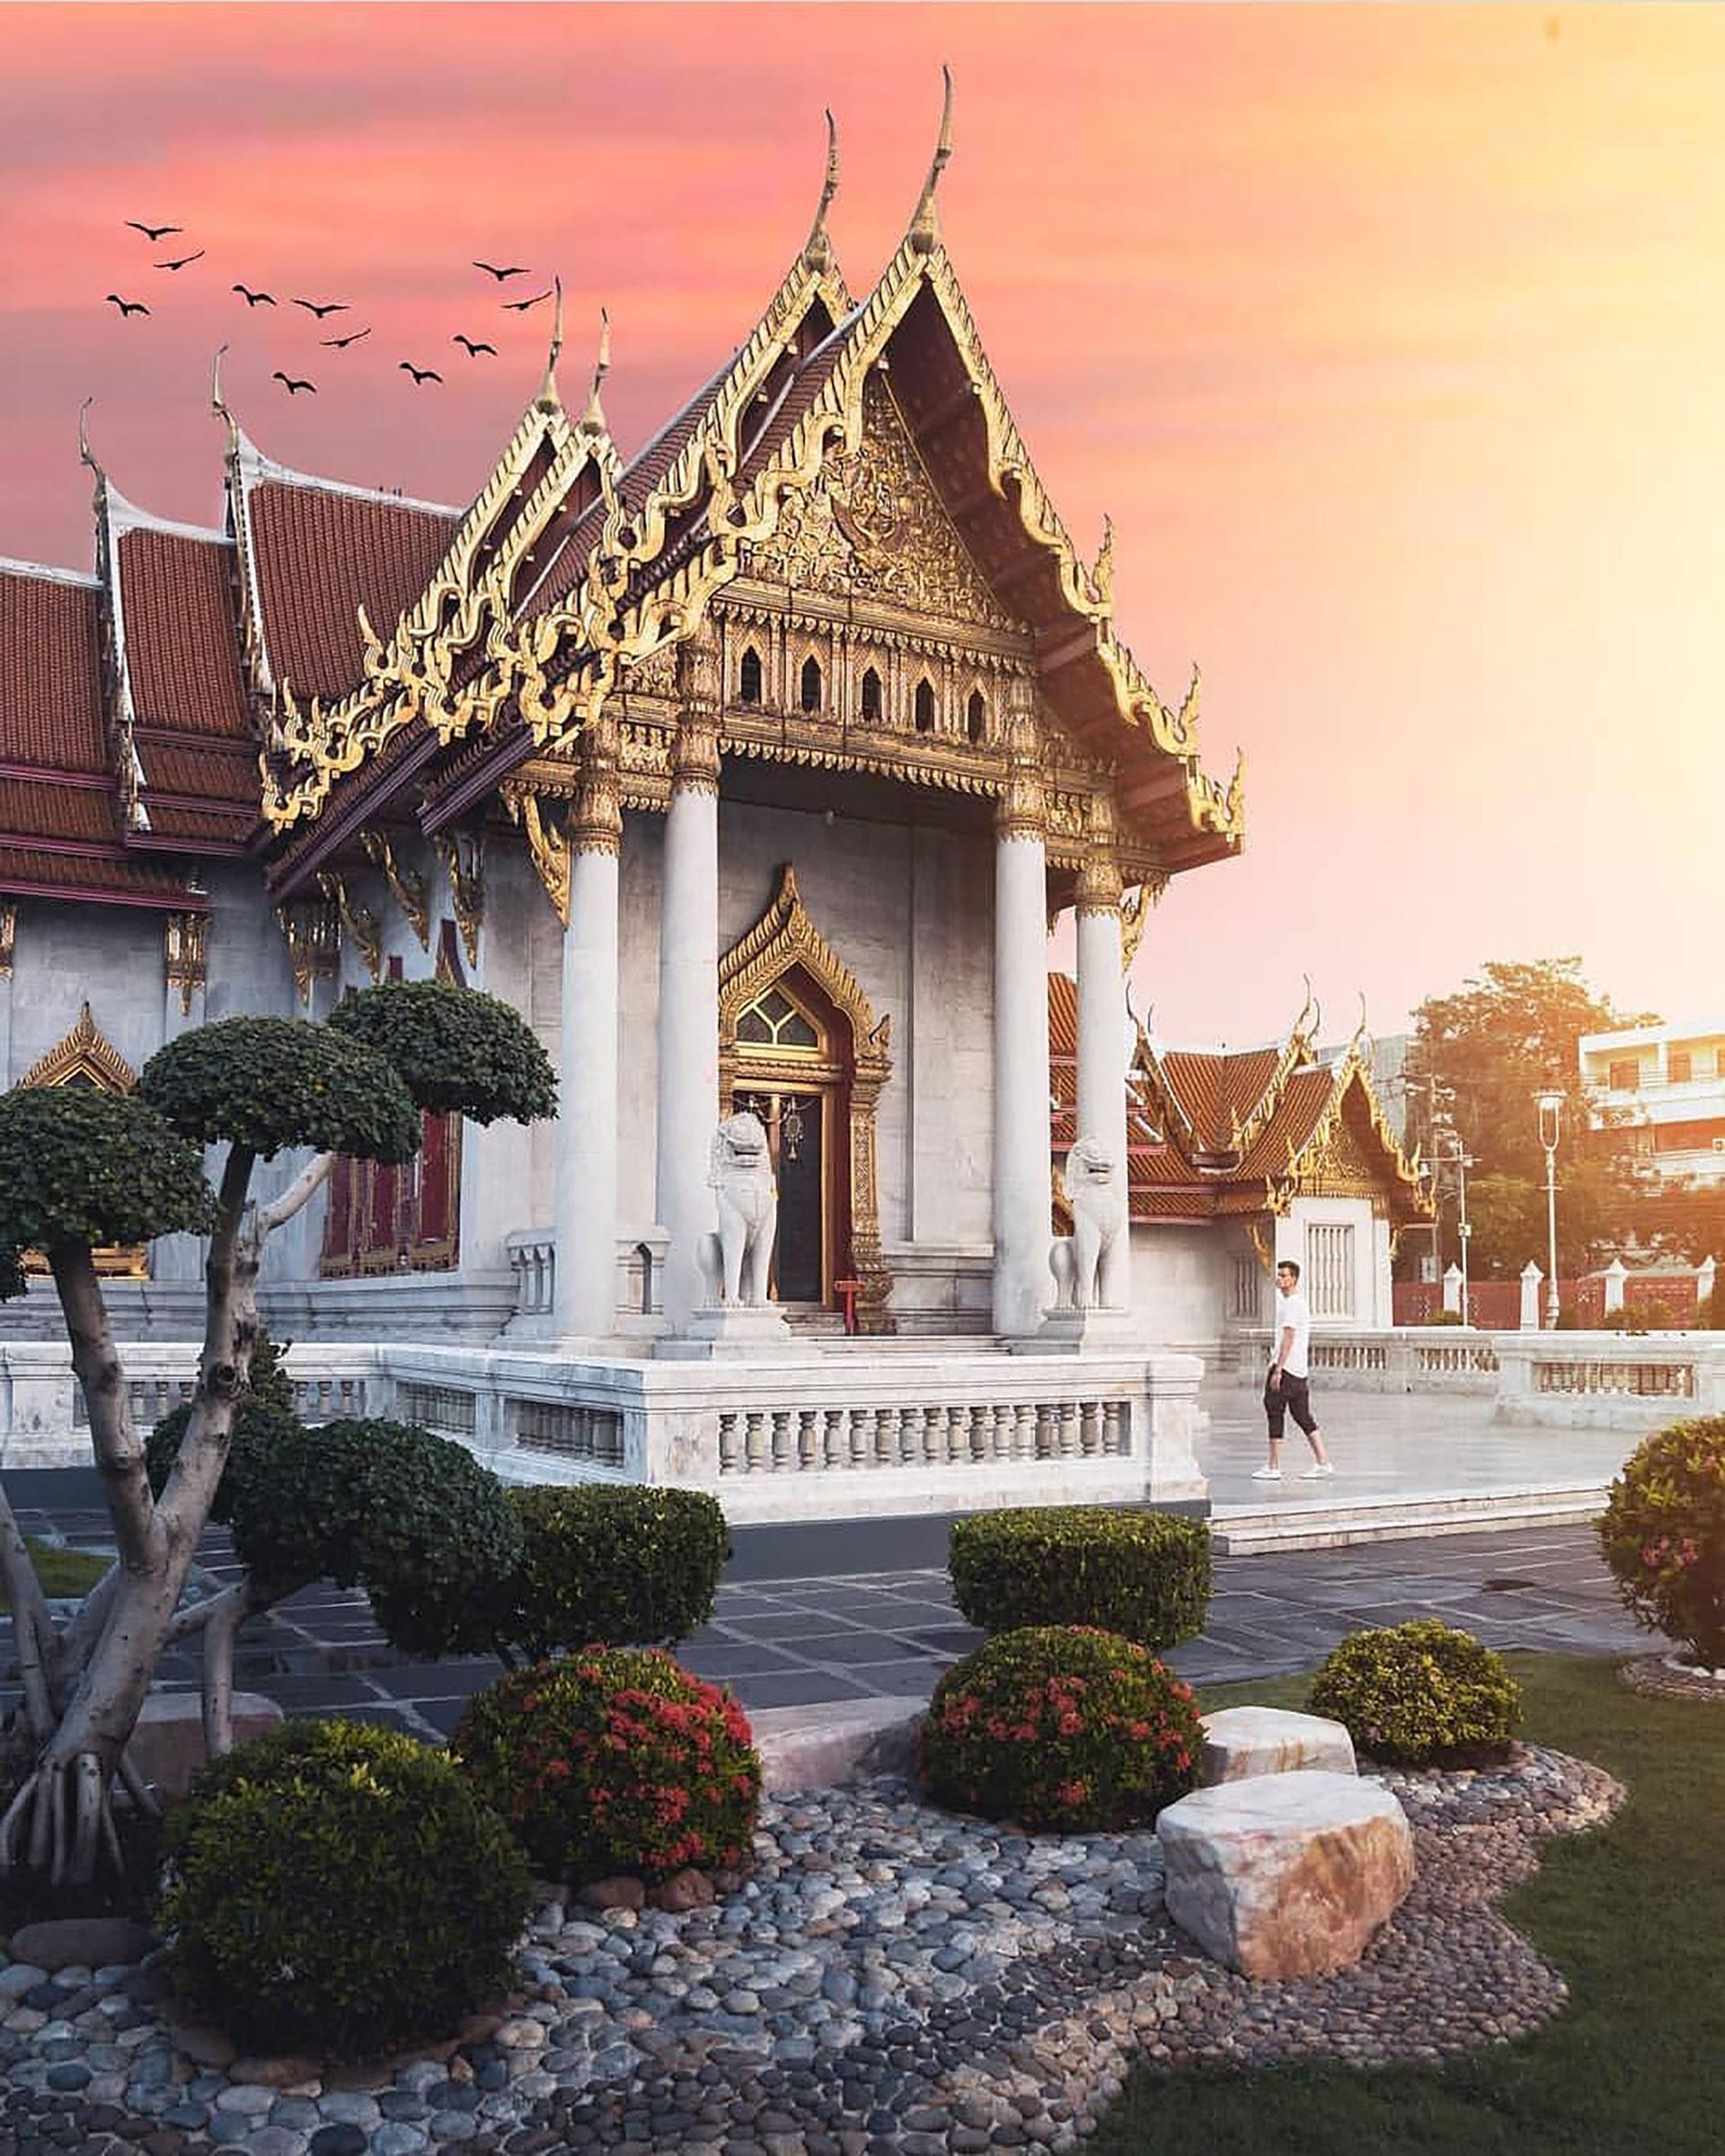 La arquitectura histórica de Bangkok se encuentra entre las más impresionantes del mundo, cautivando a millones de visitantes cada año (@i.amtraveling)